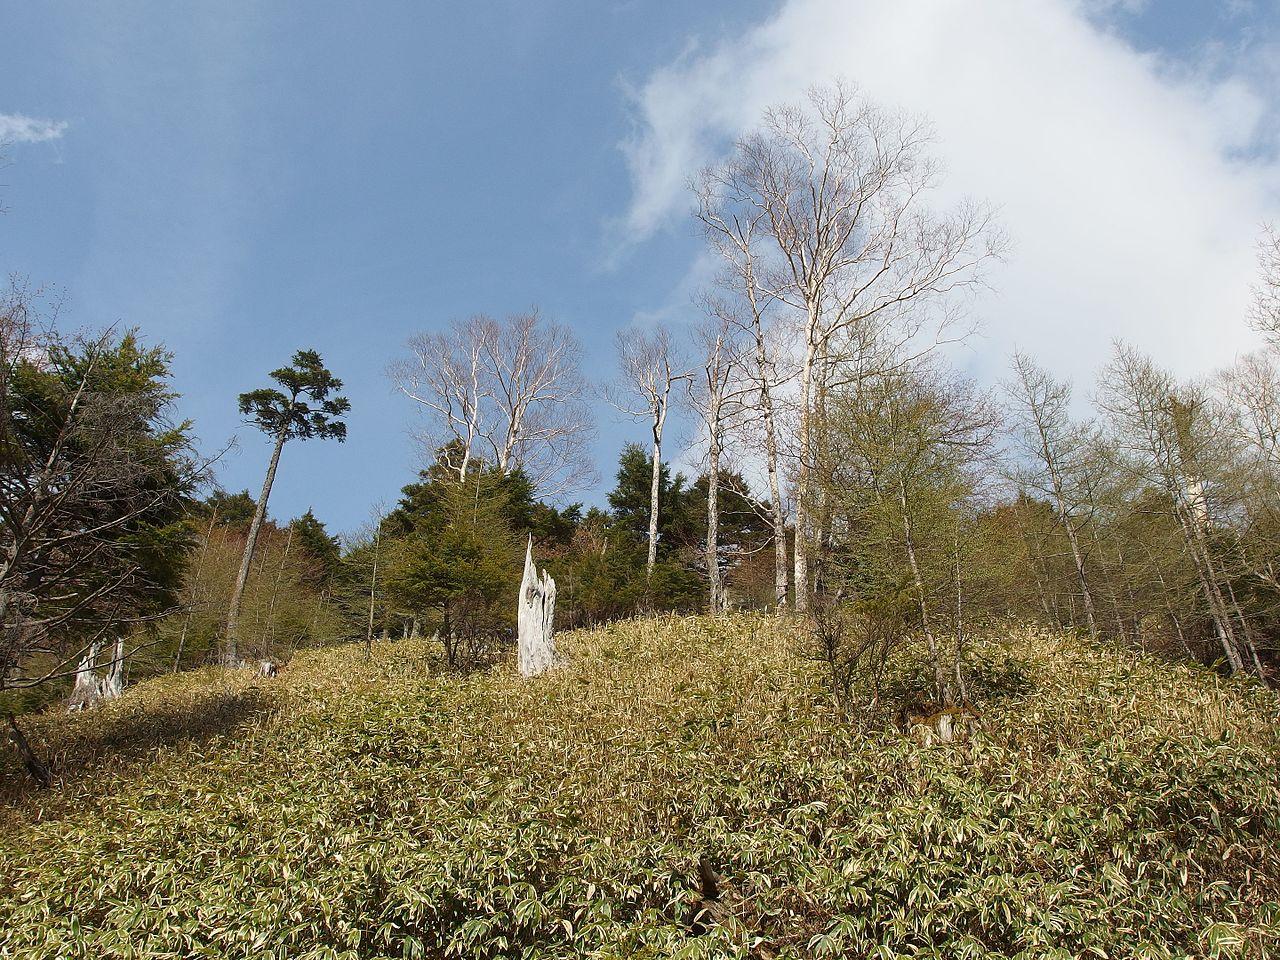 File:Car cable at Mount Hakone, Hakone, Kanagawa